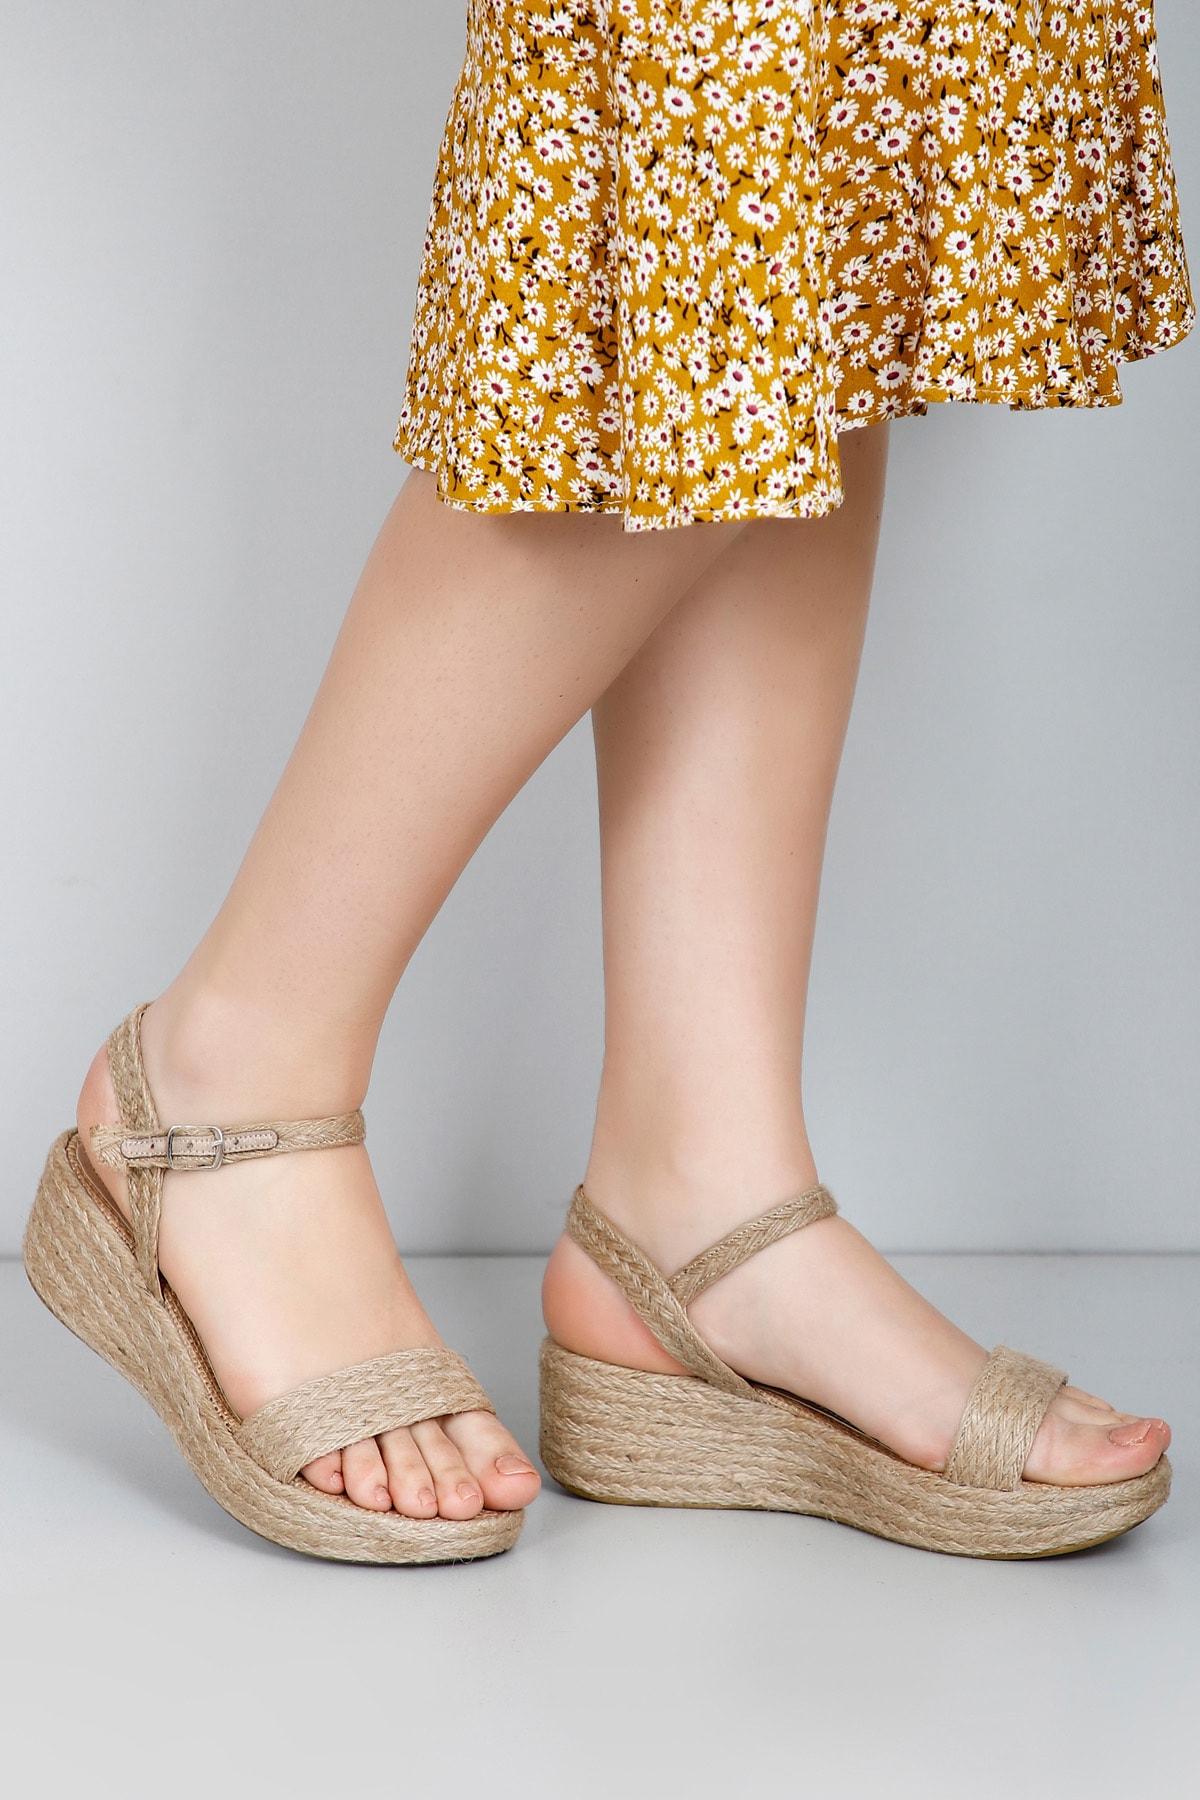 GÖNDERİ(R) Kadın Hasır Sandalet 35771 1